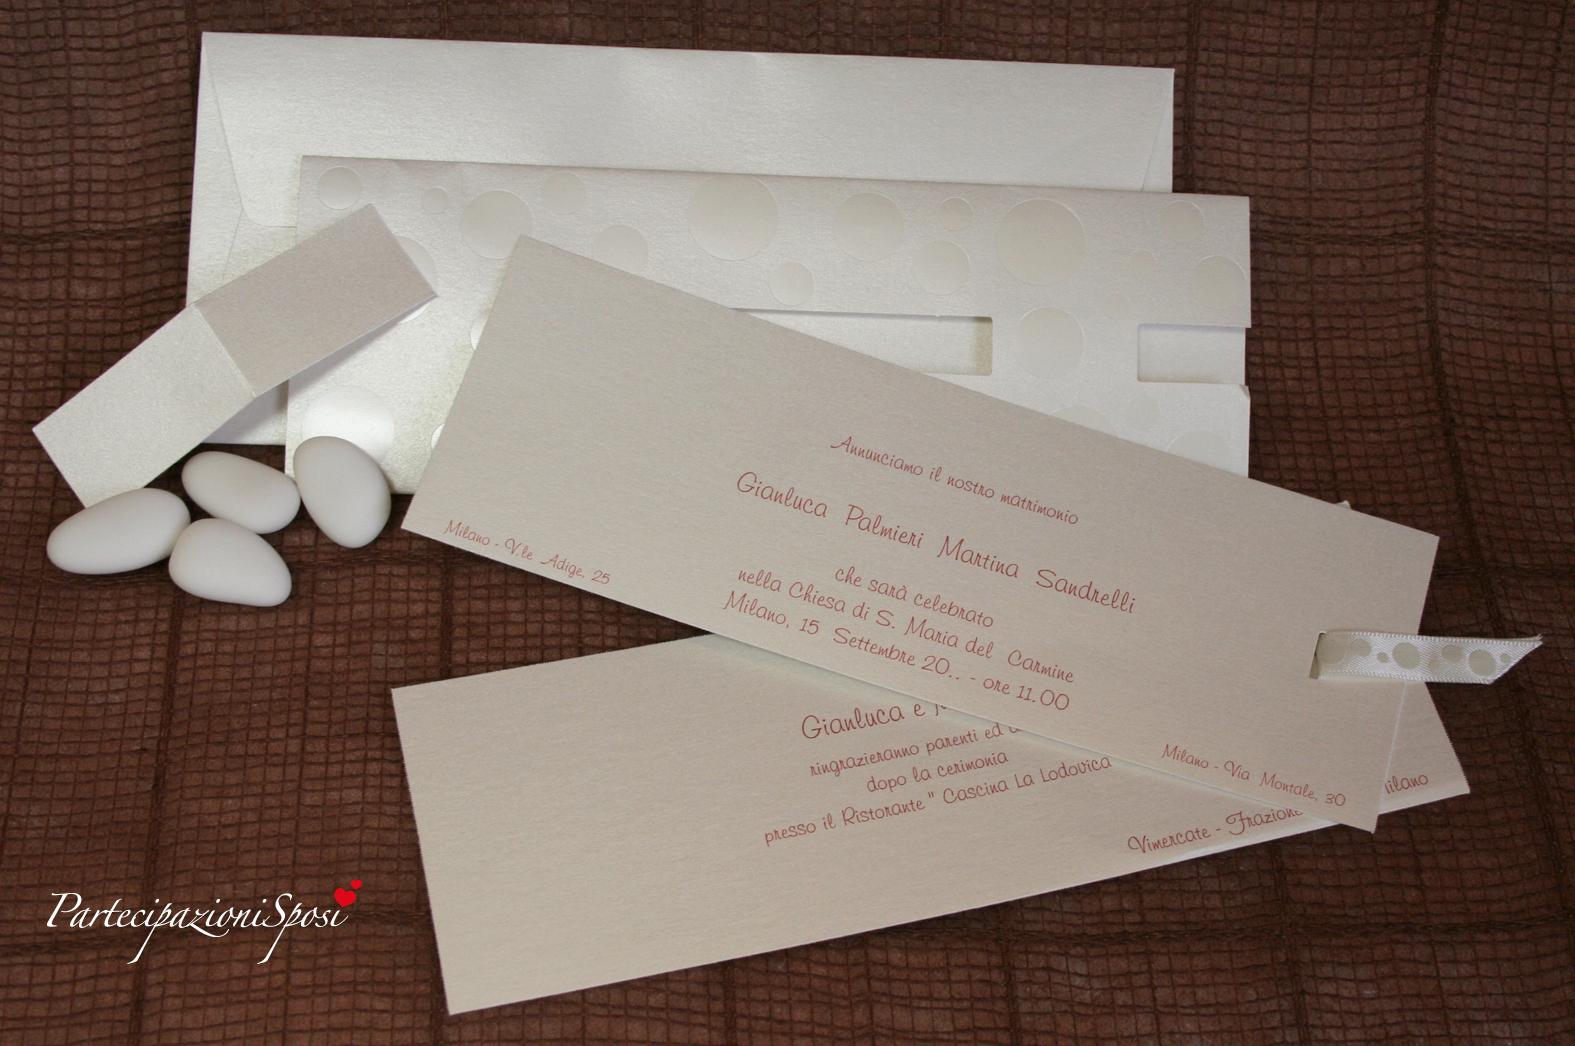 Biglietti Partecipazioni Matrimonio Da Stampare.Partecipazioni Sposi Stampa Partecipazioni Nozze Inviti